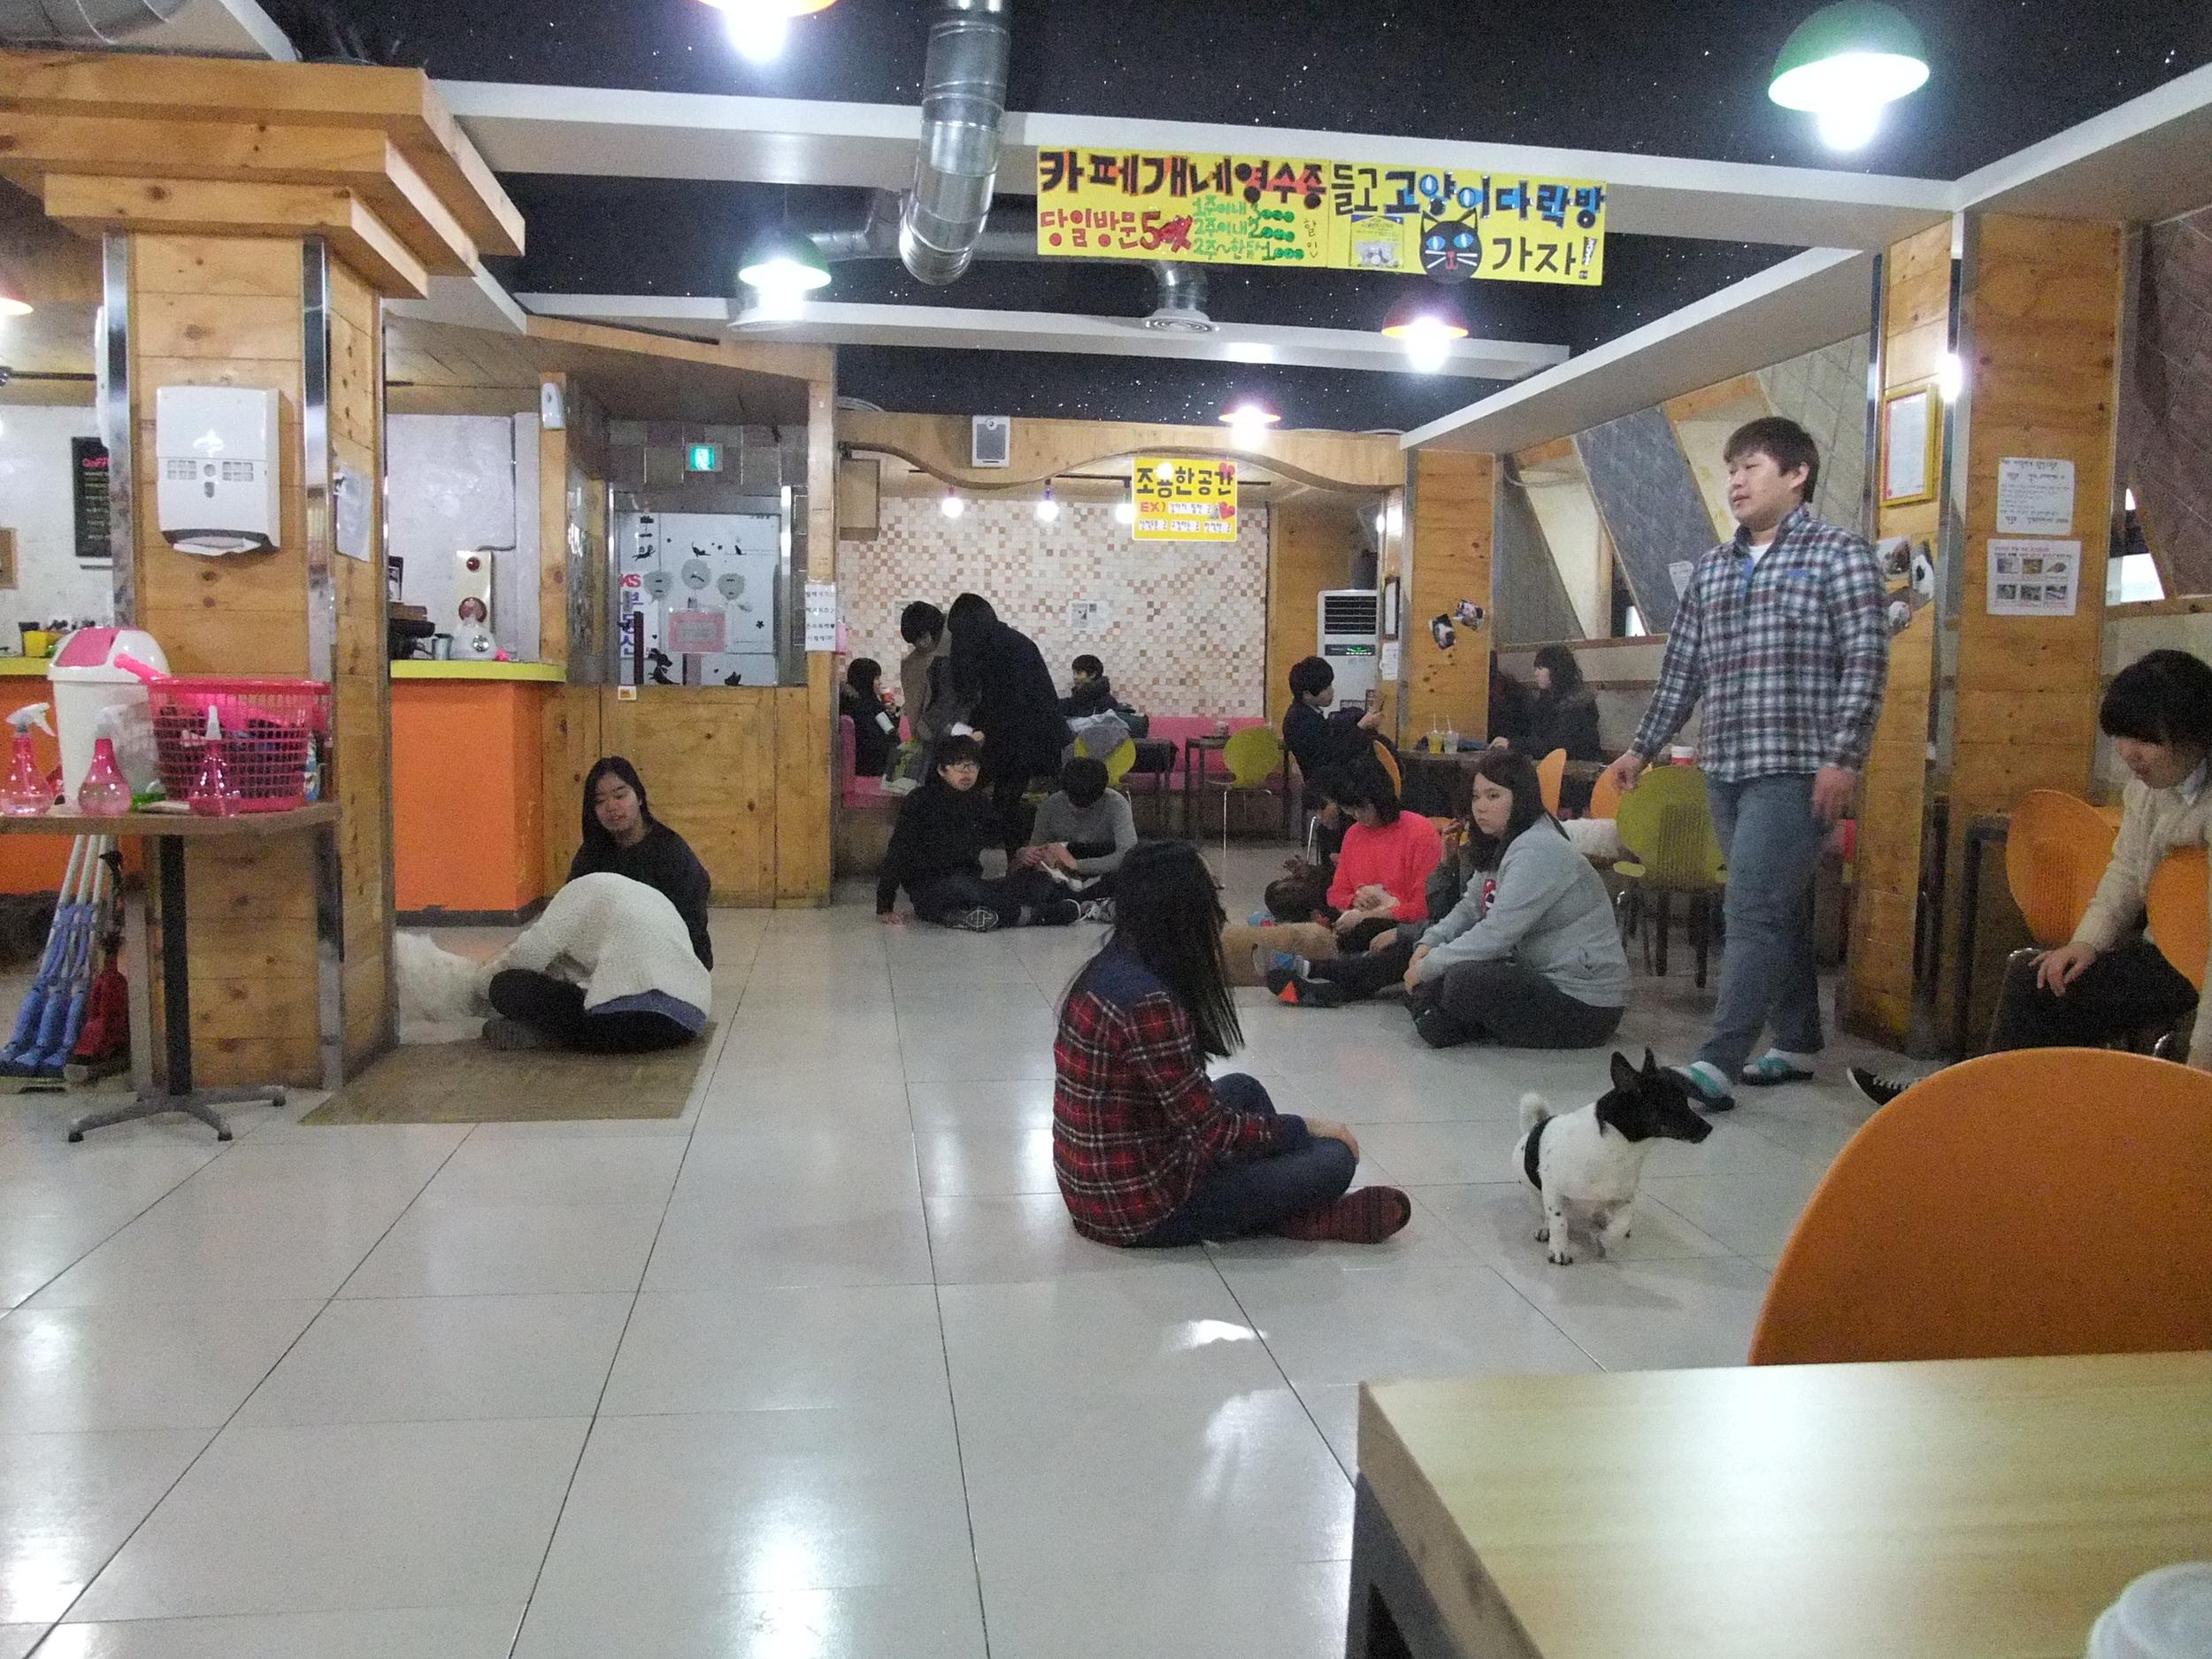 In the dog café in Seoul